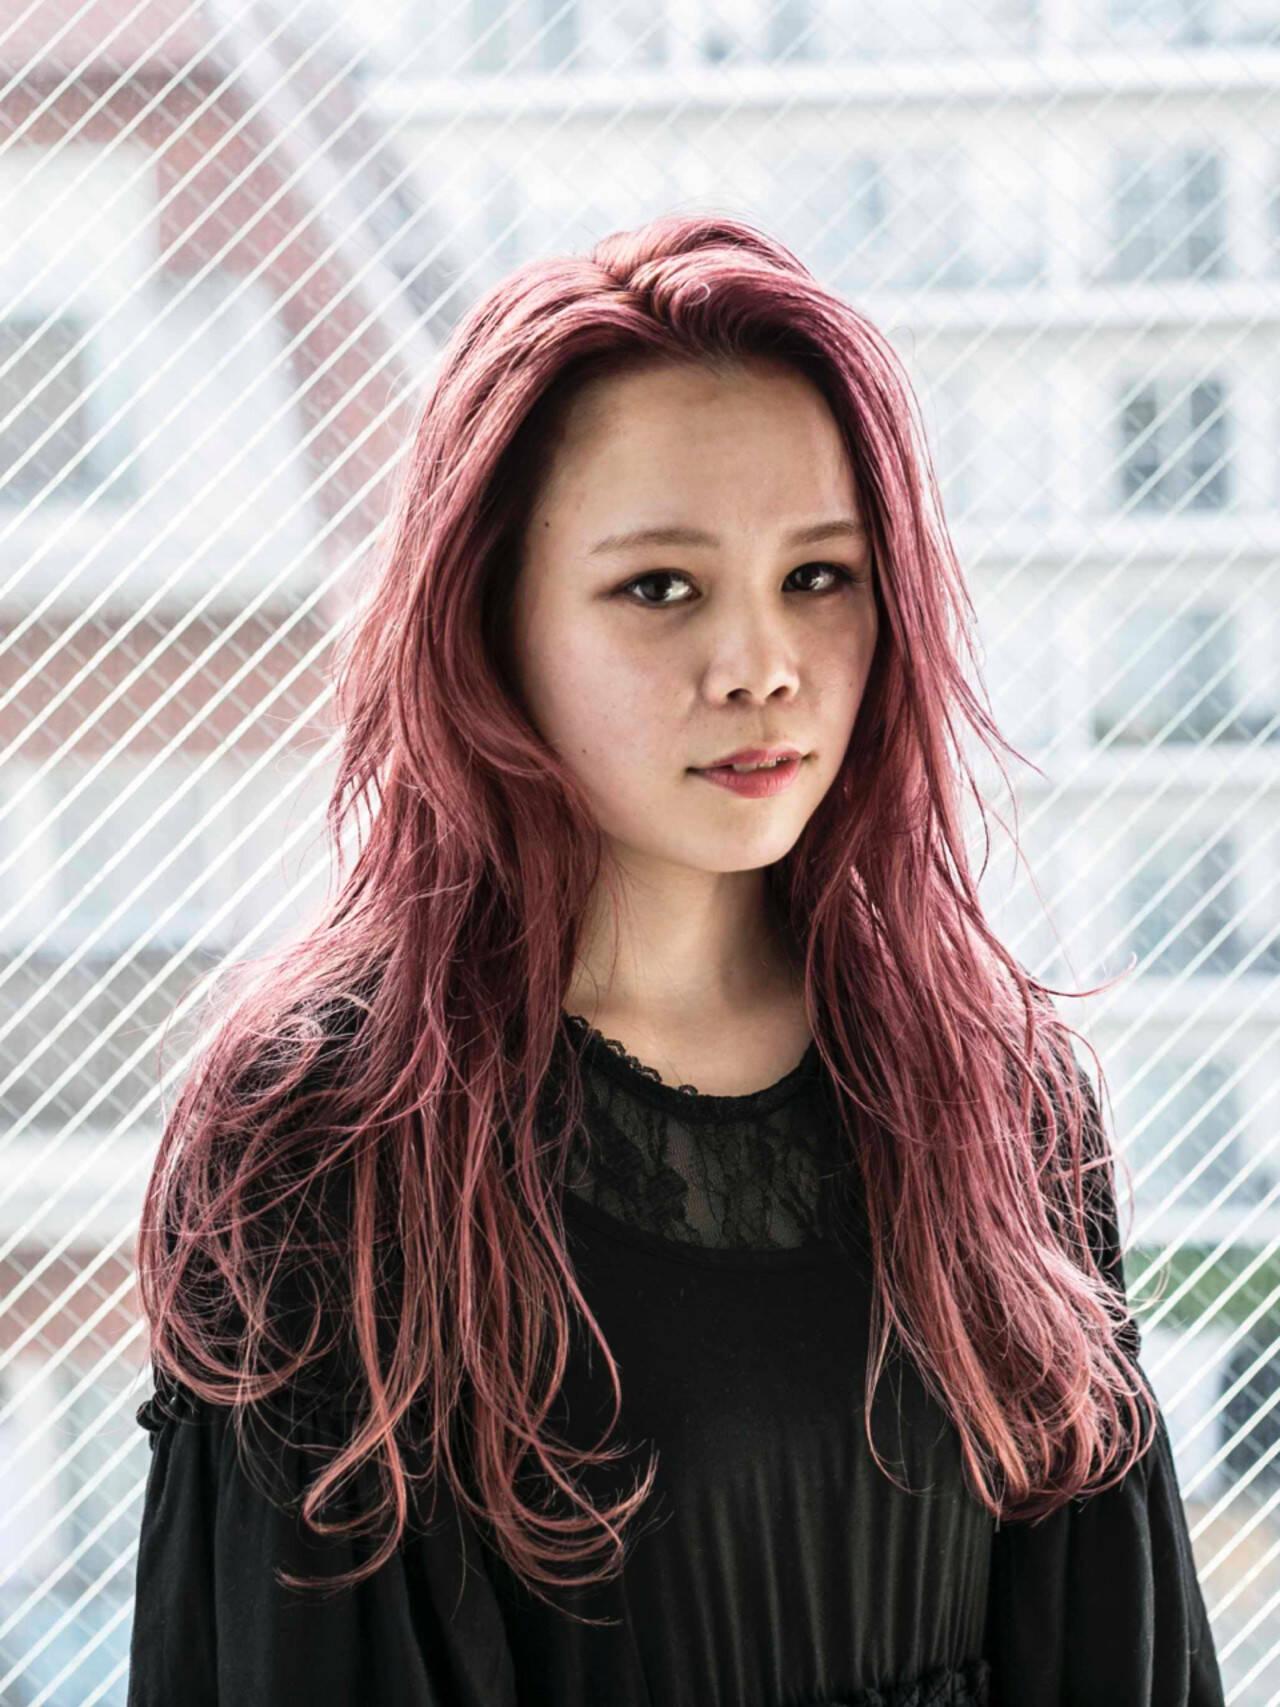 ガーリー ラベンダーピンク ピンク ピンクアッシュヘアスタイルや髪型の写真・画像